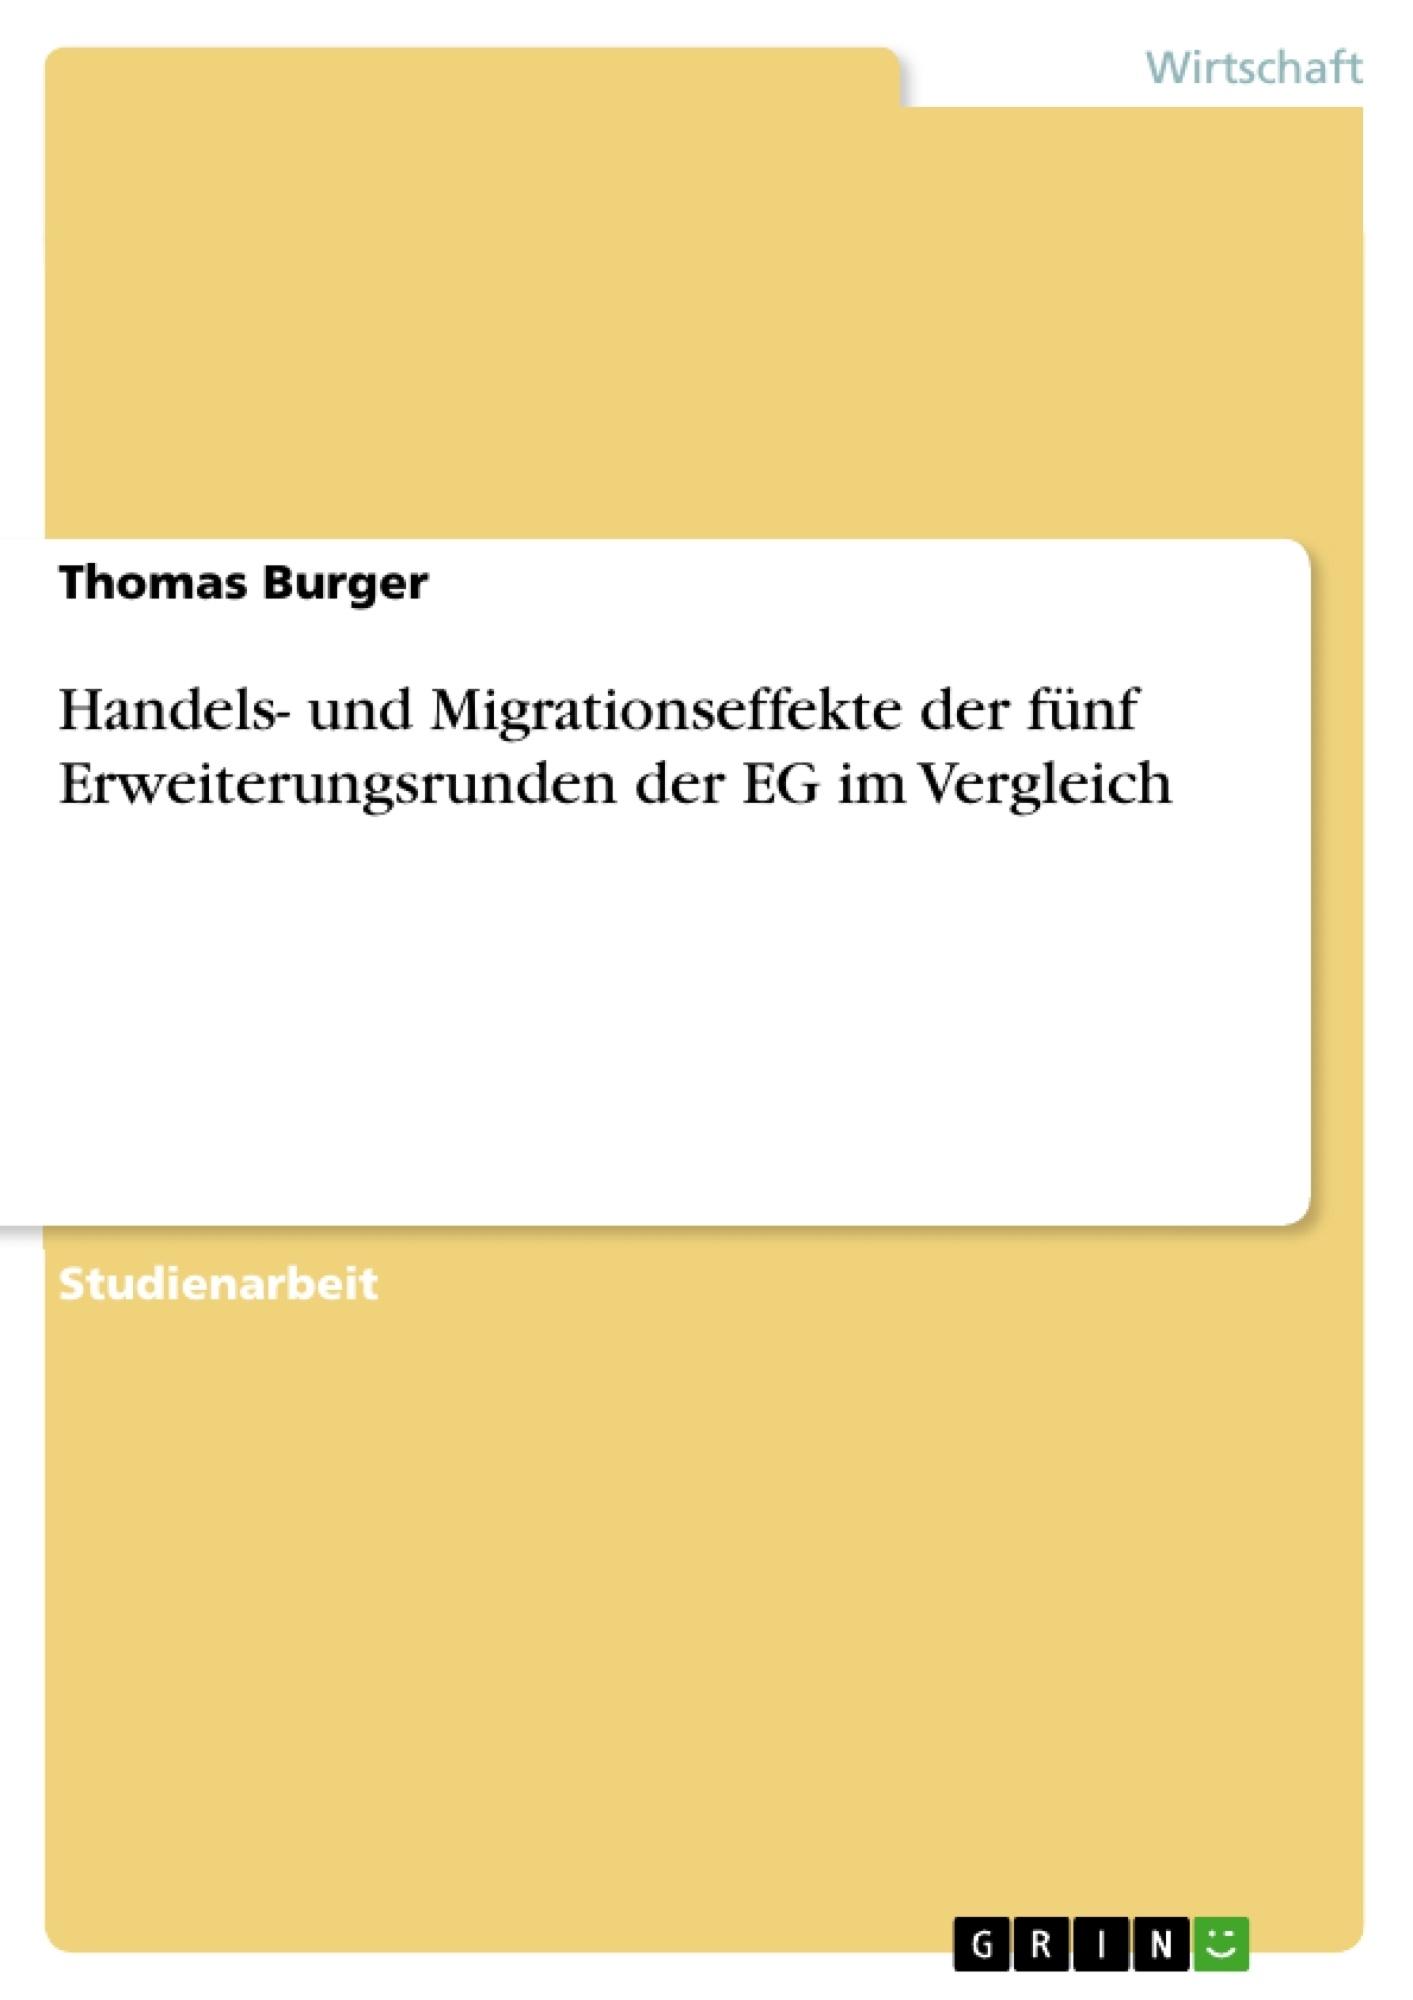 Titel: Handels- und Migrationseffekte der fünf Erweiterungsrunden der EG im Vergleich